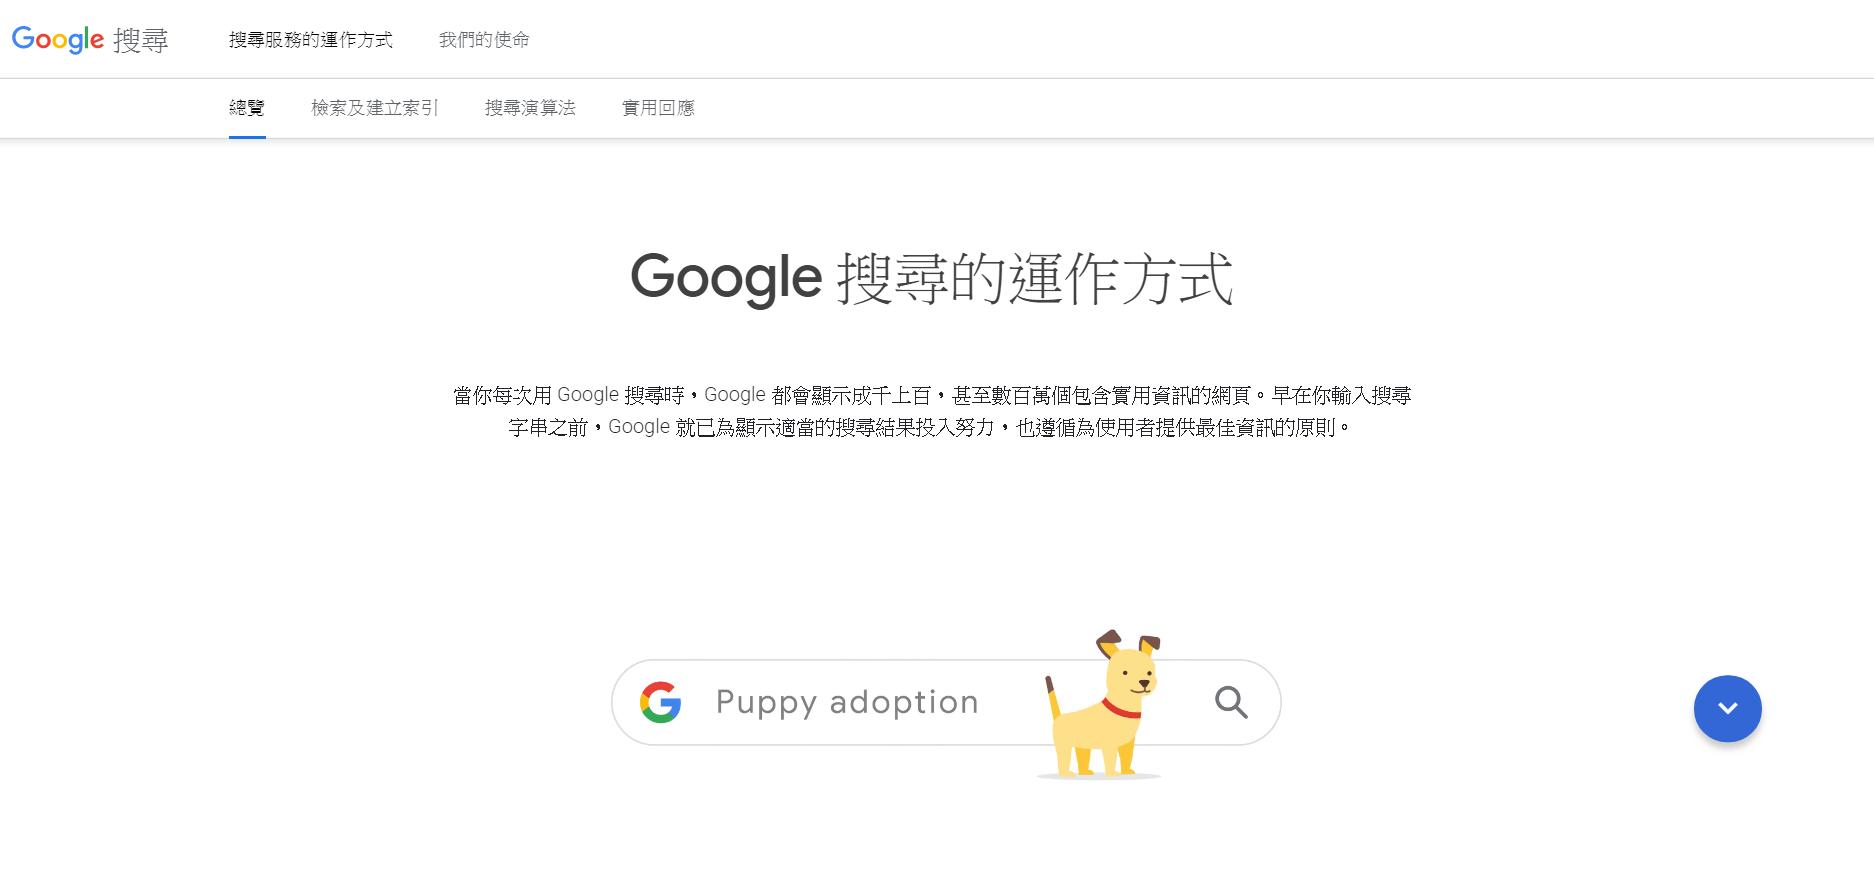 Google 搜尋的運作方式